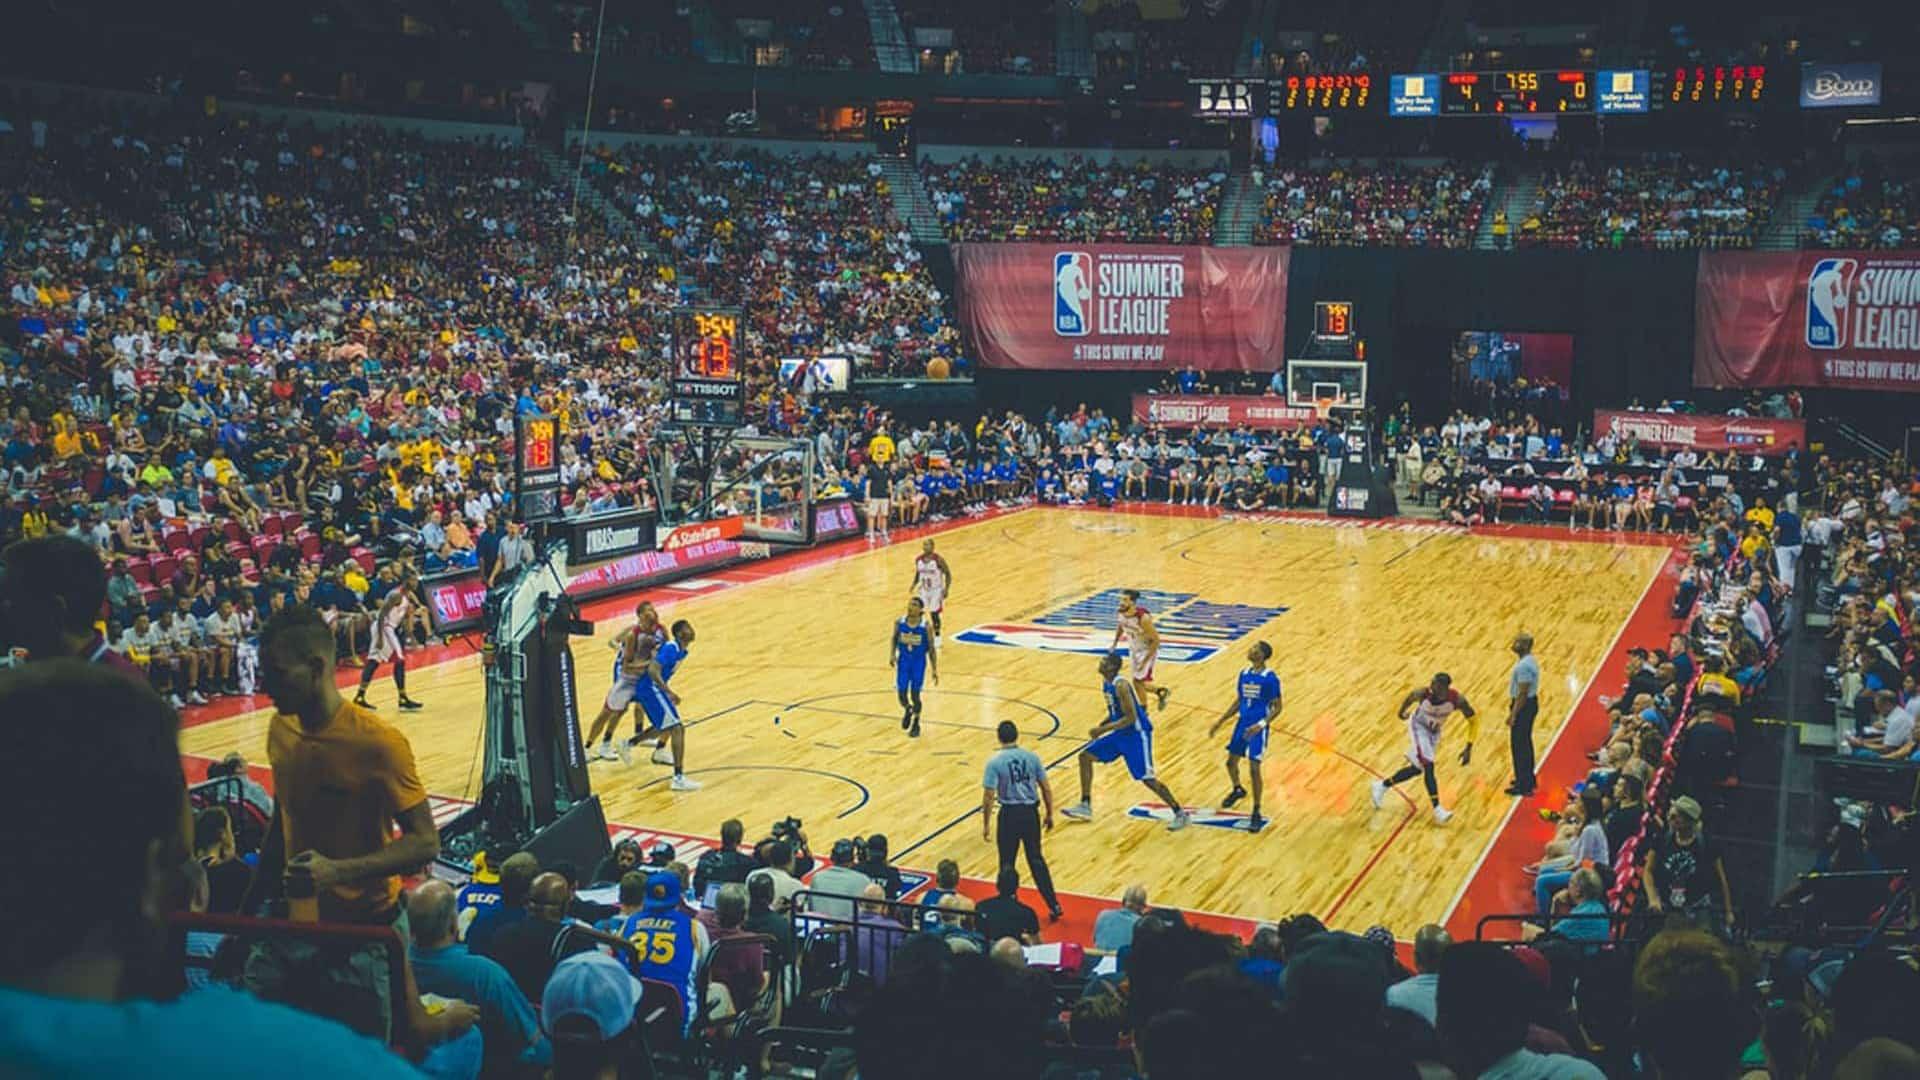 Baloncesto Movistar: Precio, partidos y cómo ver